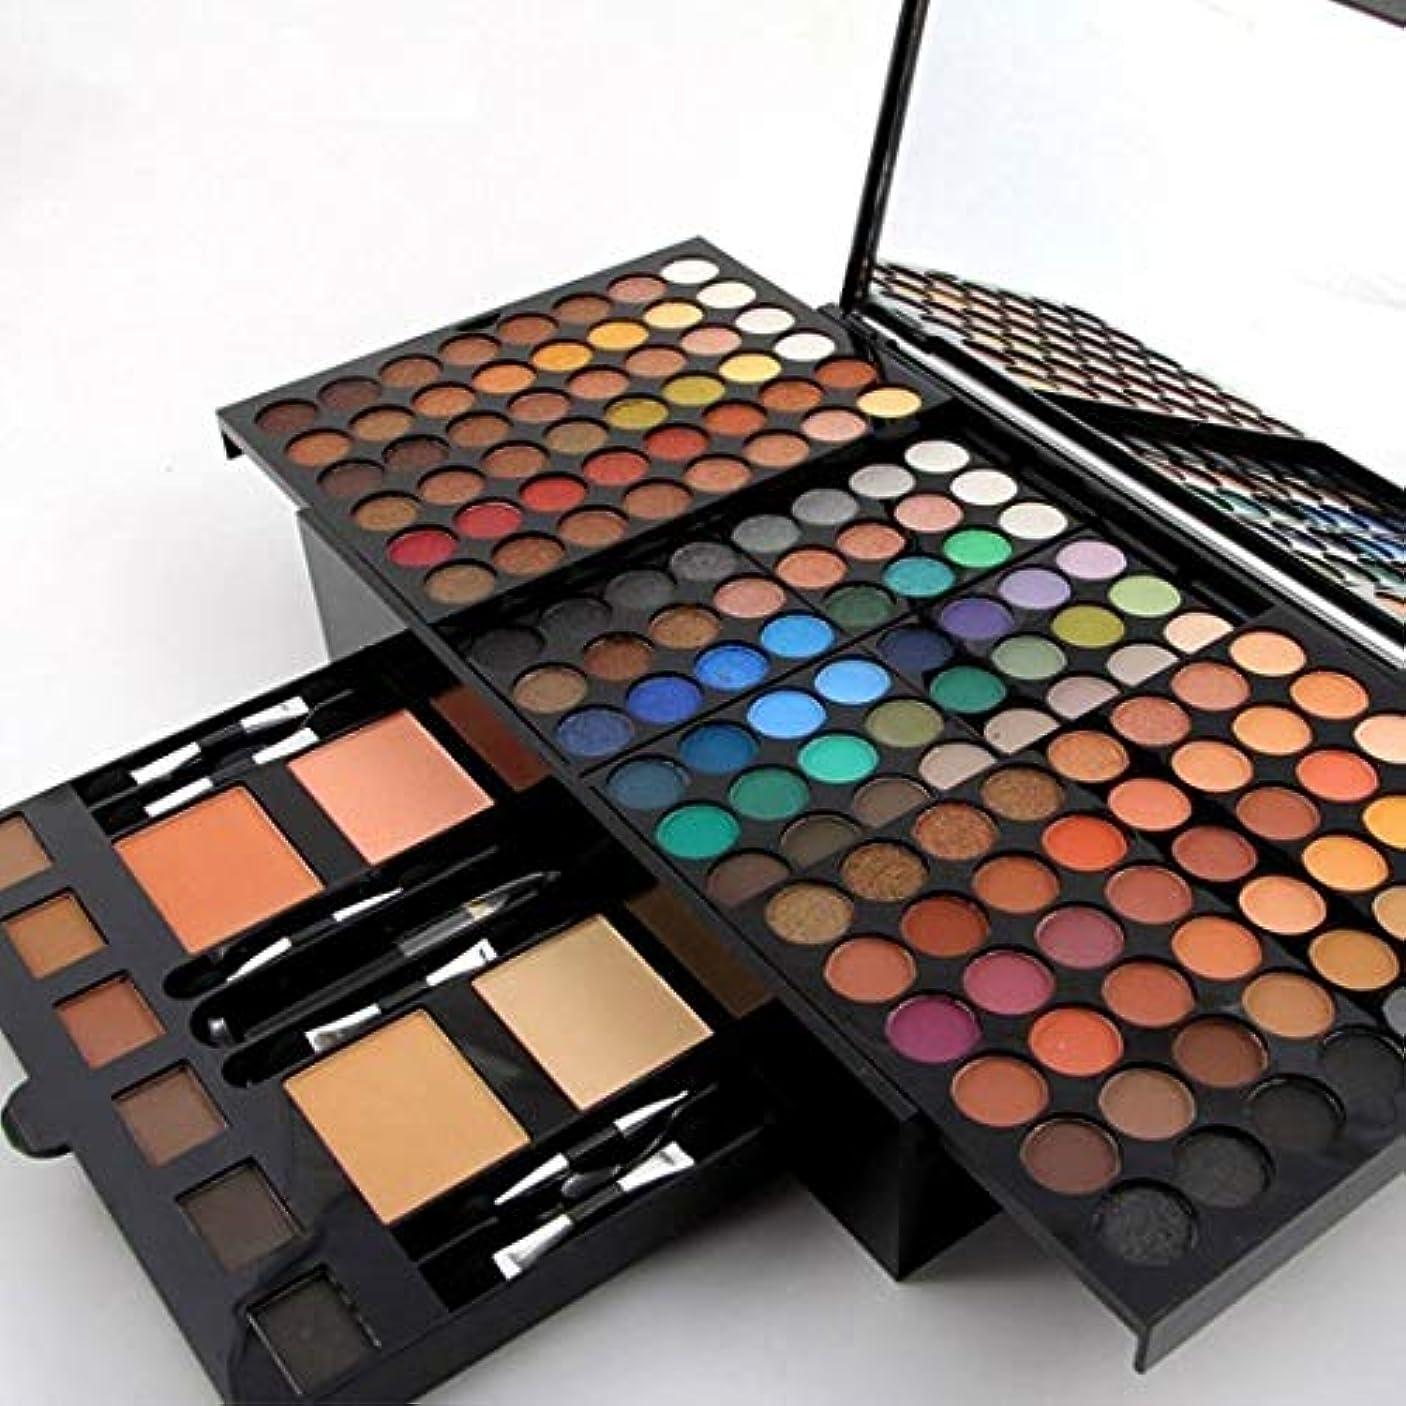 悲惨販売員ジャムMISS ROSE 180 Colors Professional Eyeshadow Palette Makeup Set with Makeup Brushes Mirror Shrink Matte & Shimmer...